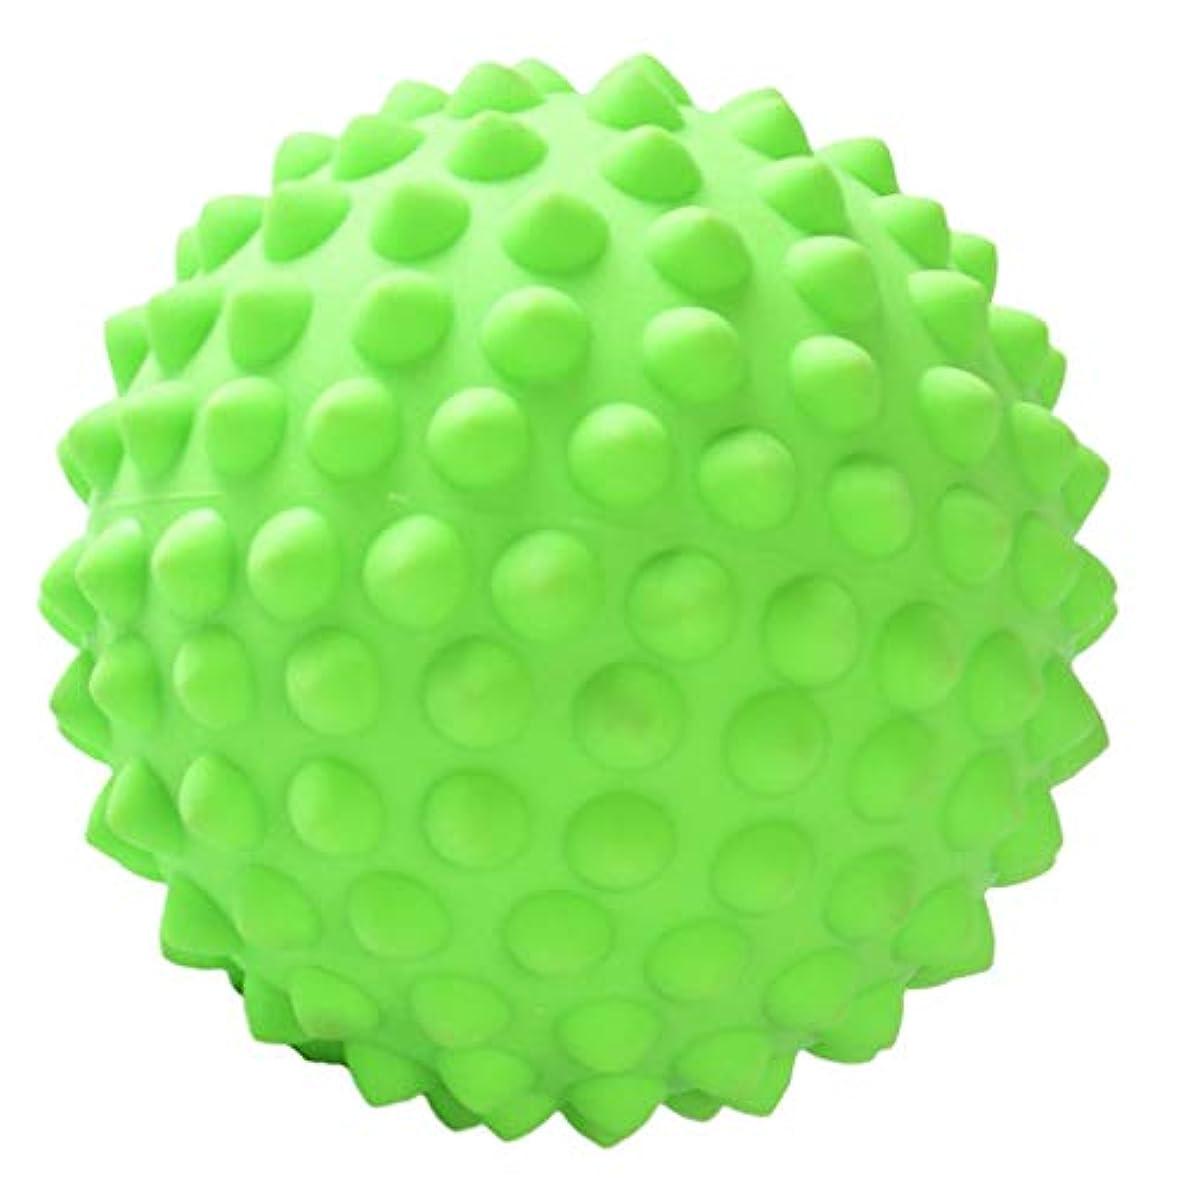 ラッシュ透明に百年ハードスパイキーマッサージボールボディディープティッシュリラクゼーション足底筋膜炎の救済 - 緑, 説明のとおり